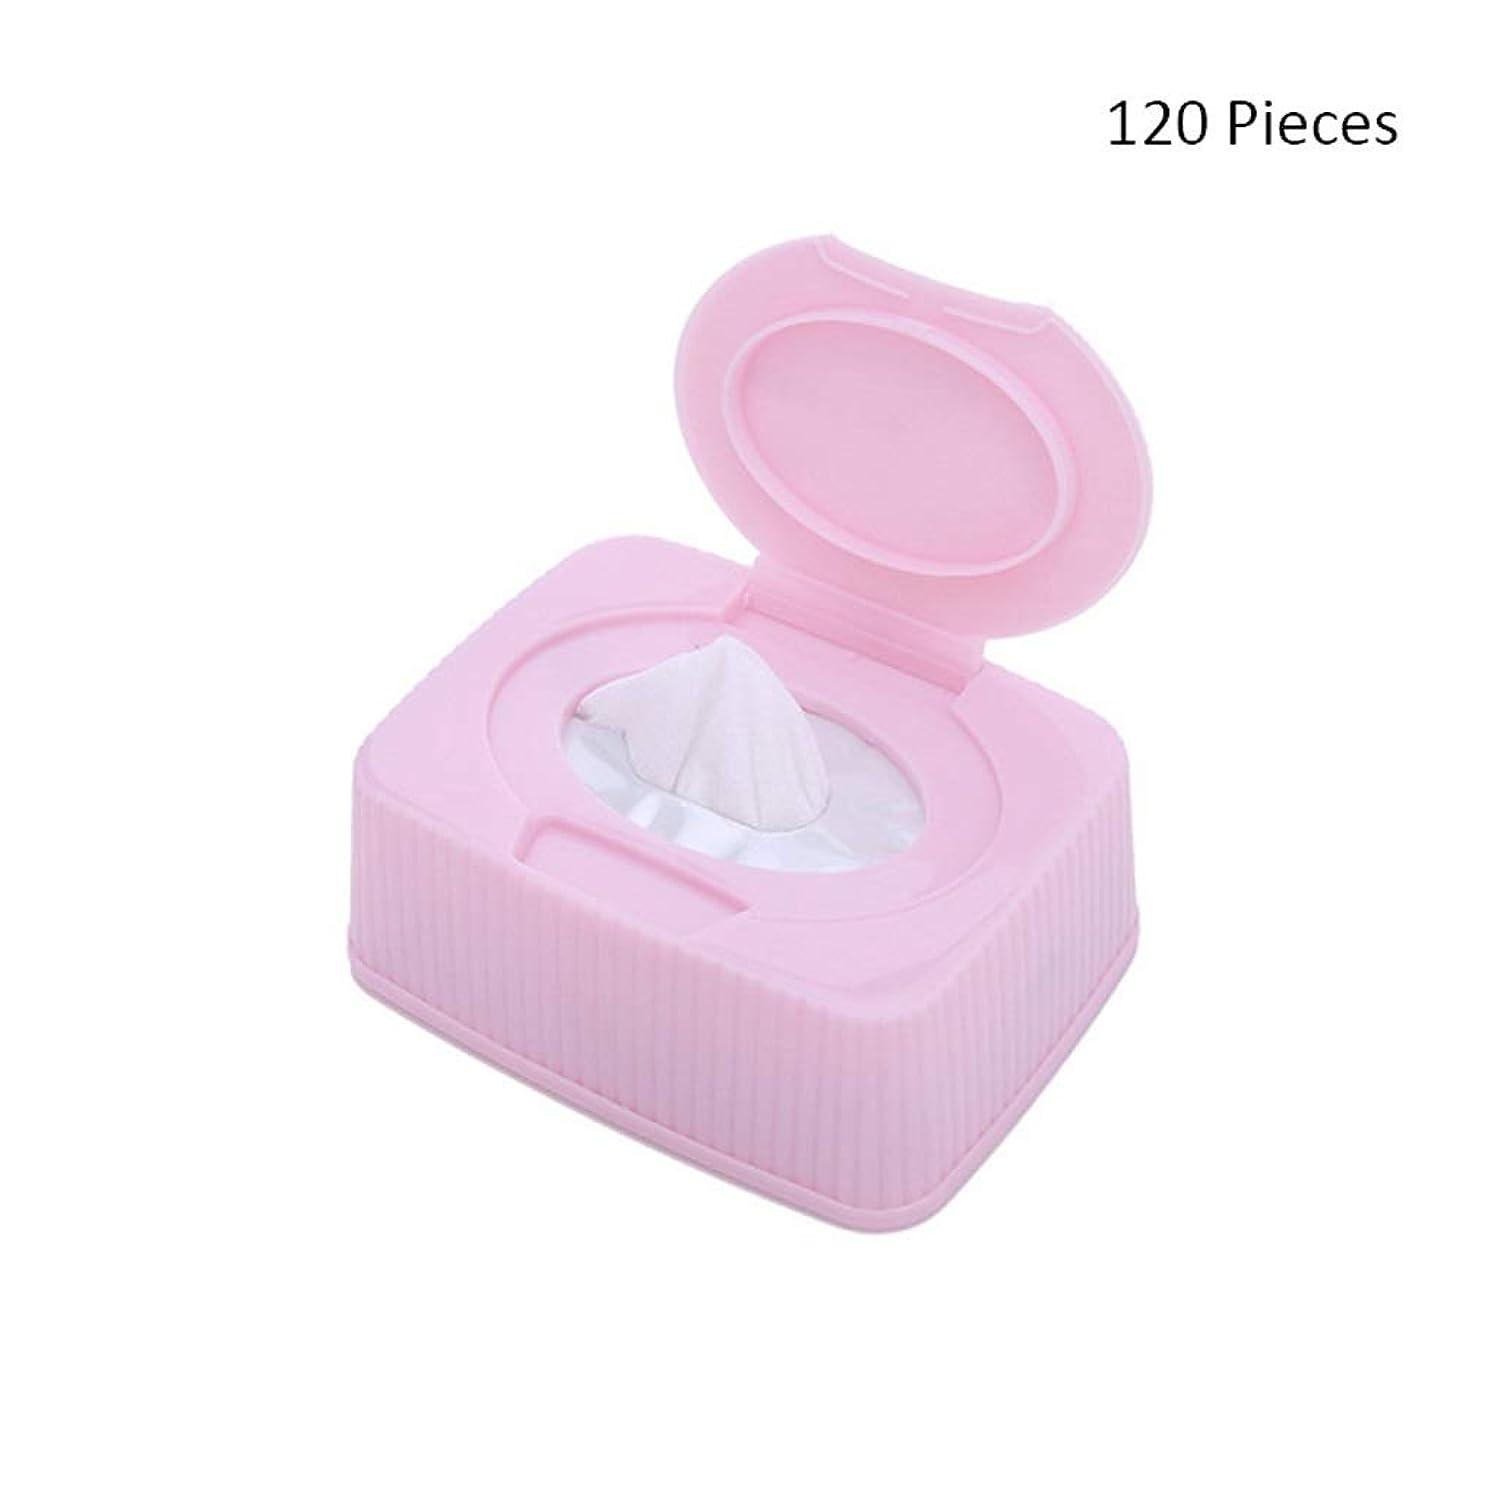 大胆な塩辛い解放120ピース/ボックスフェイスメイク落としフェイシャル化粧品リムーバーパッドメイクアップコットンクリーナースキンケアワイプフェイスウォッシュコットンパッド (Color : Pink, サイズ : 120 pieces)